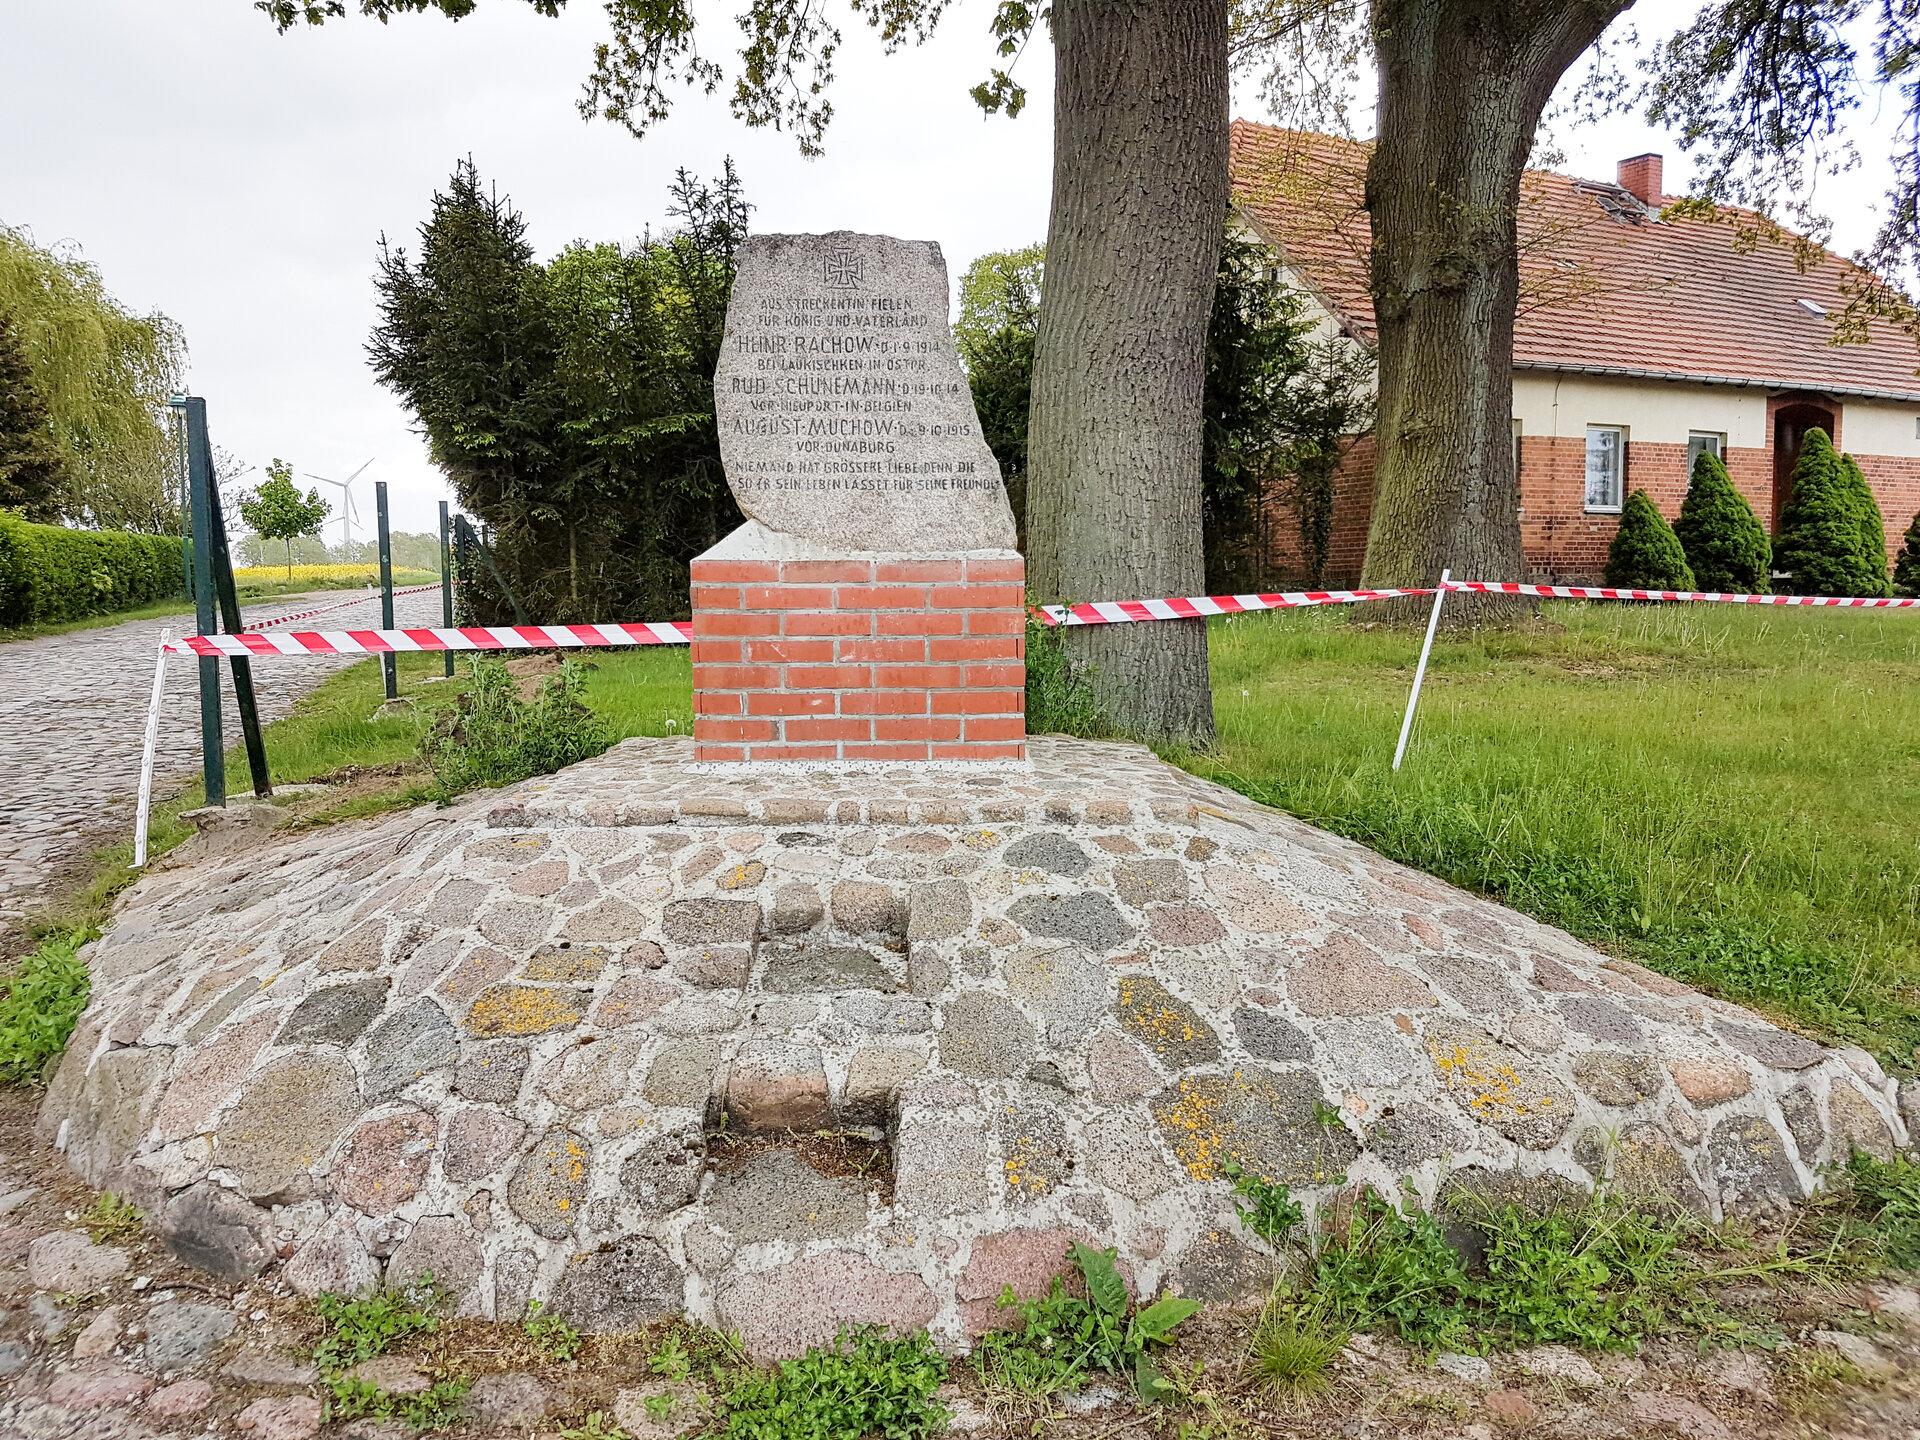 Streckenthin, Abzweig Richtung Kirche: Denkmal für die Gefallenen des ersten Weltkriegs (1914-1918)